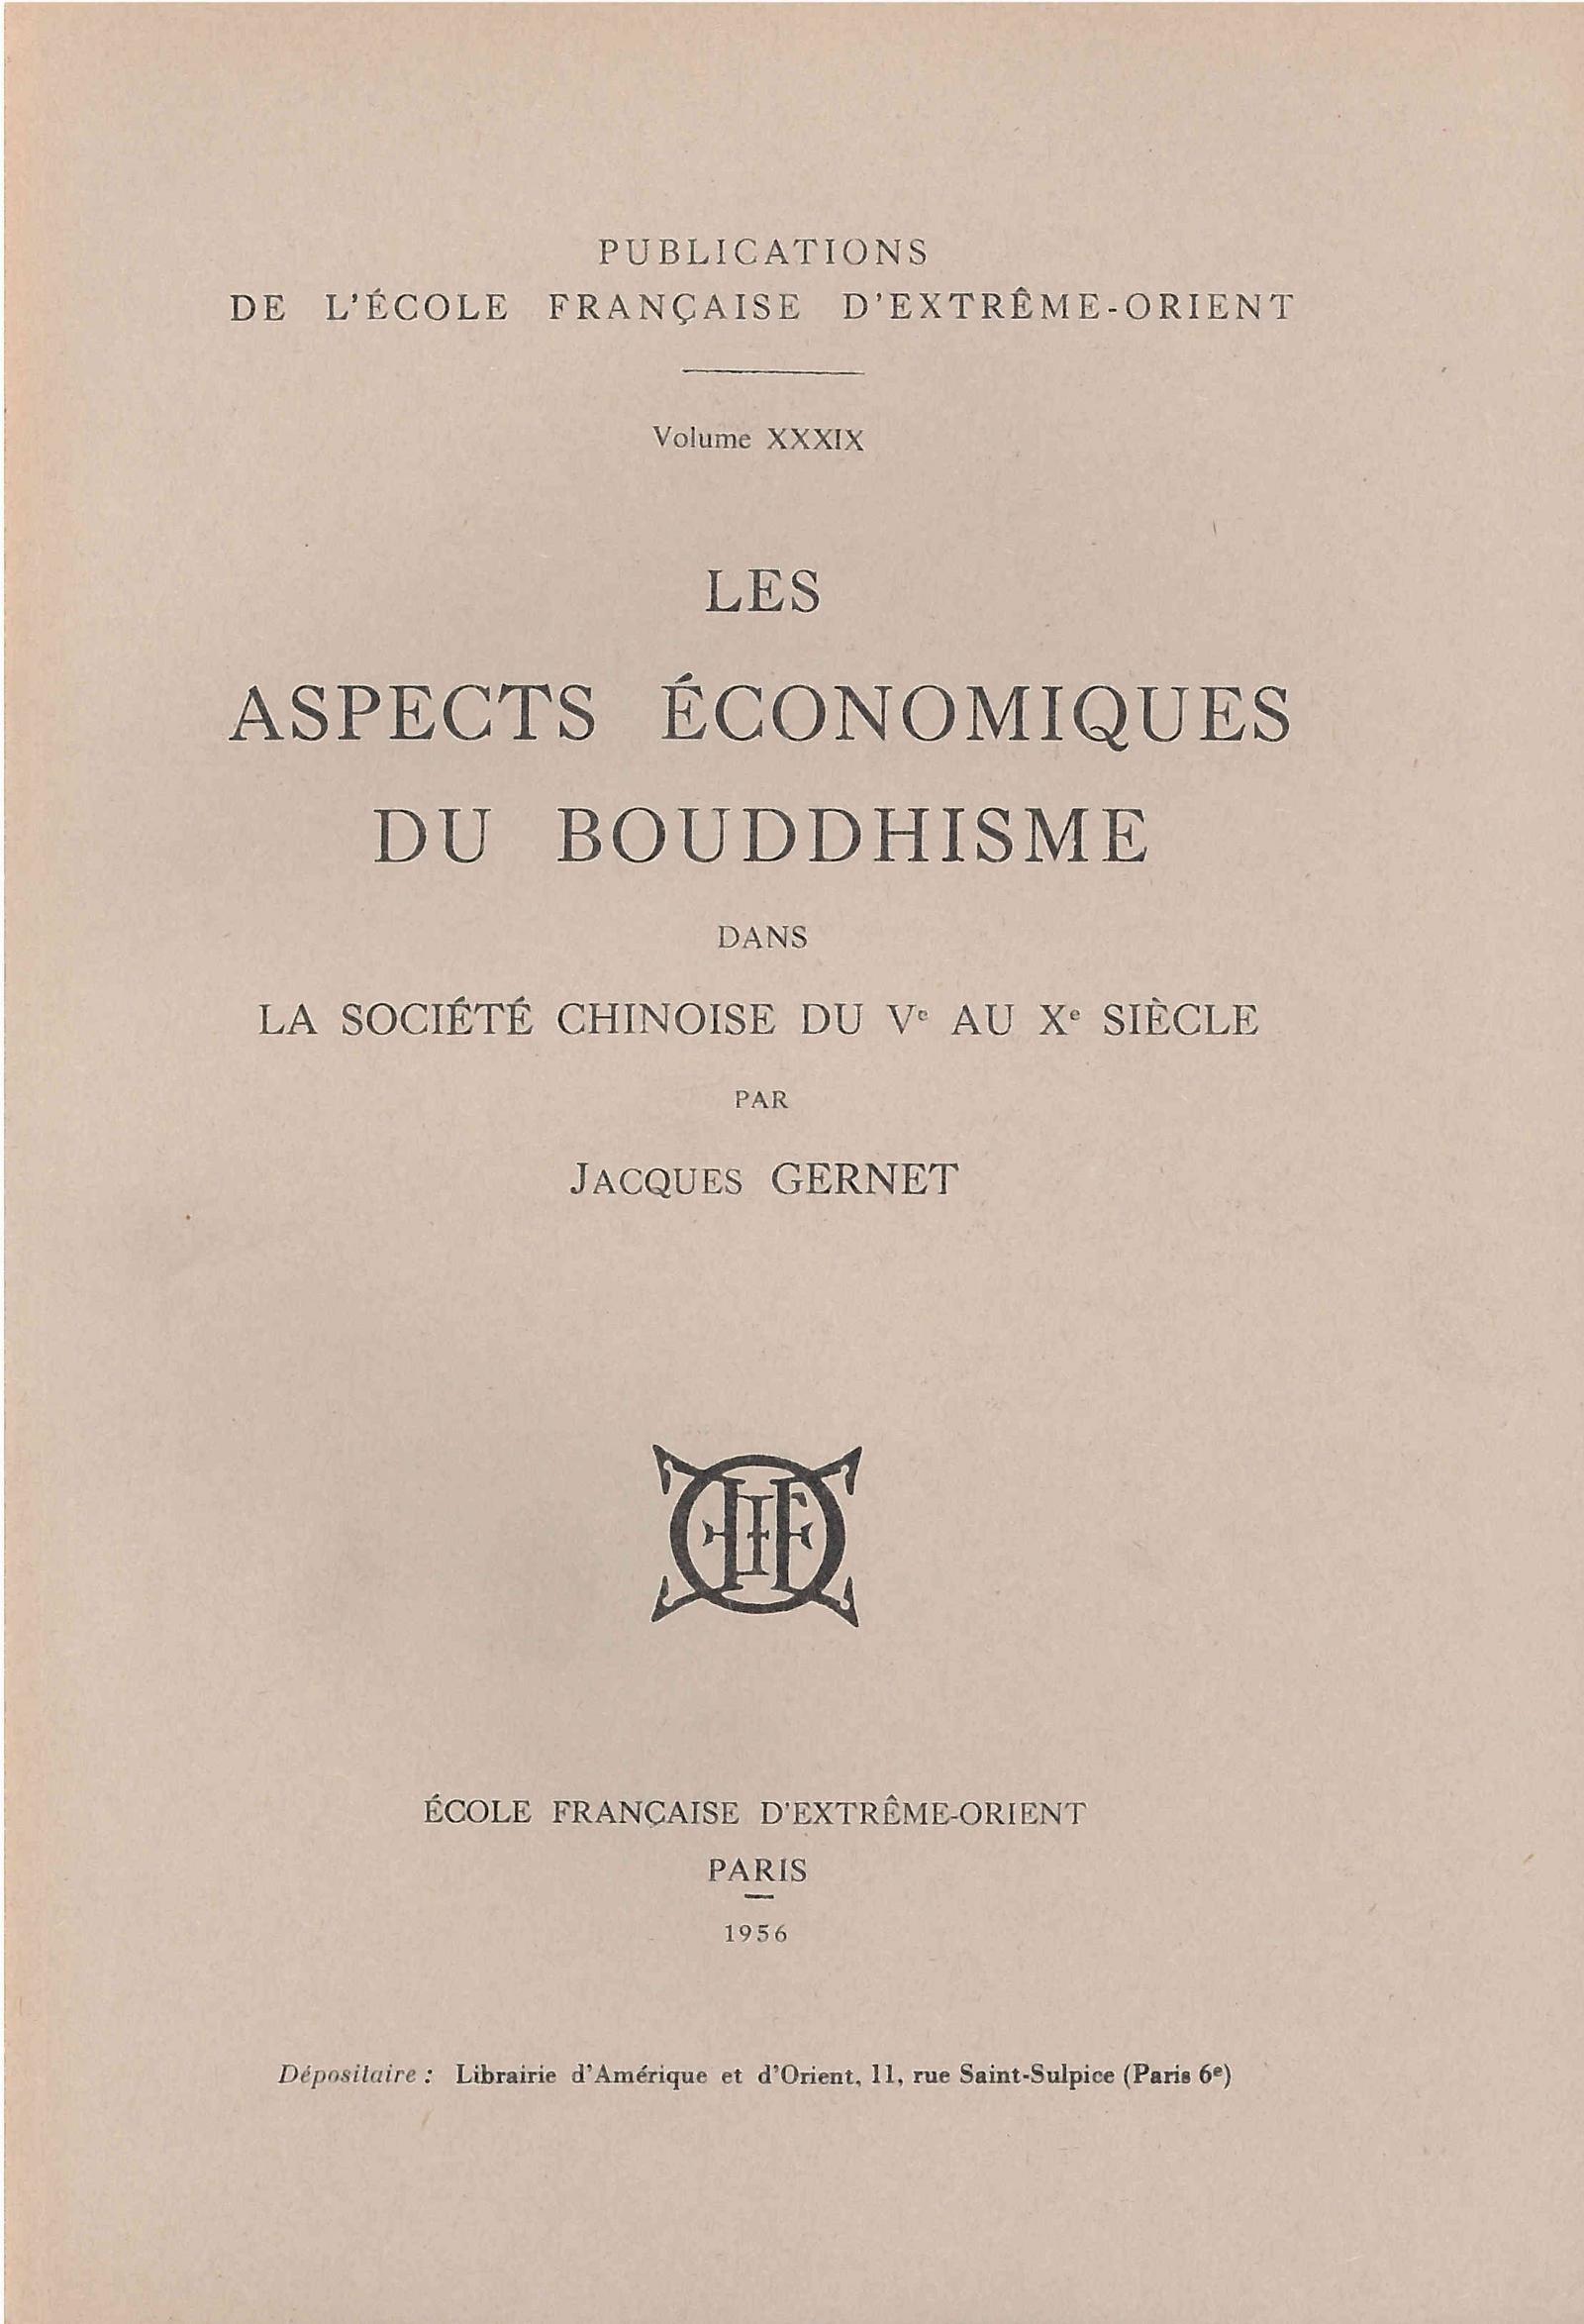 Les aspects économiques du bouddhisme dans la société chinoise du Ve au Xe siècle